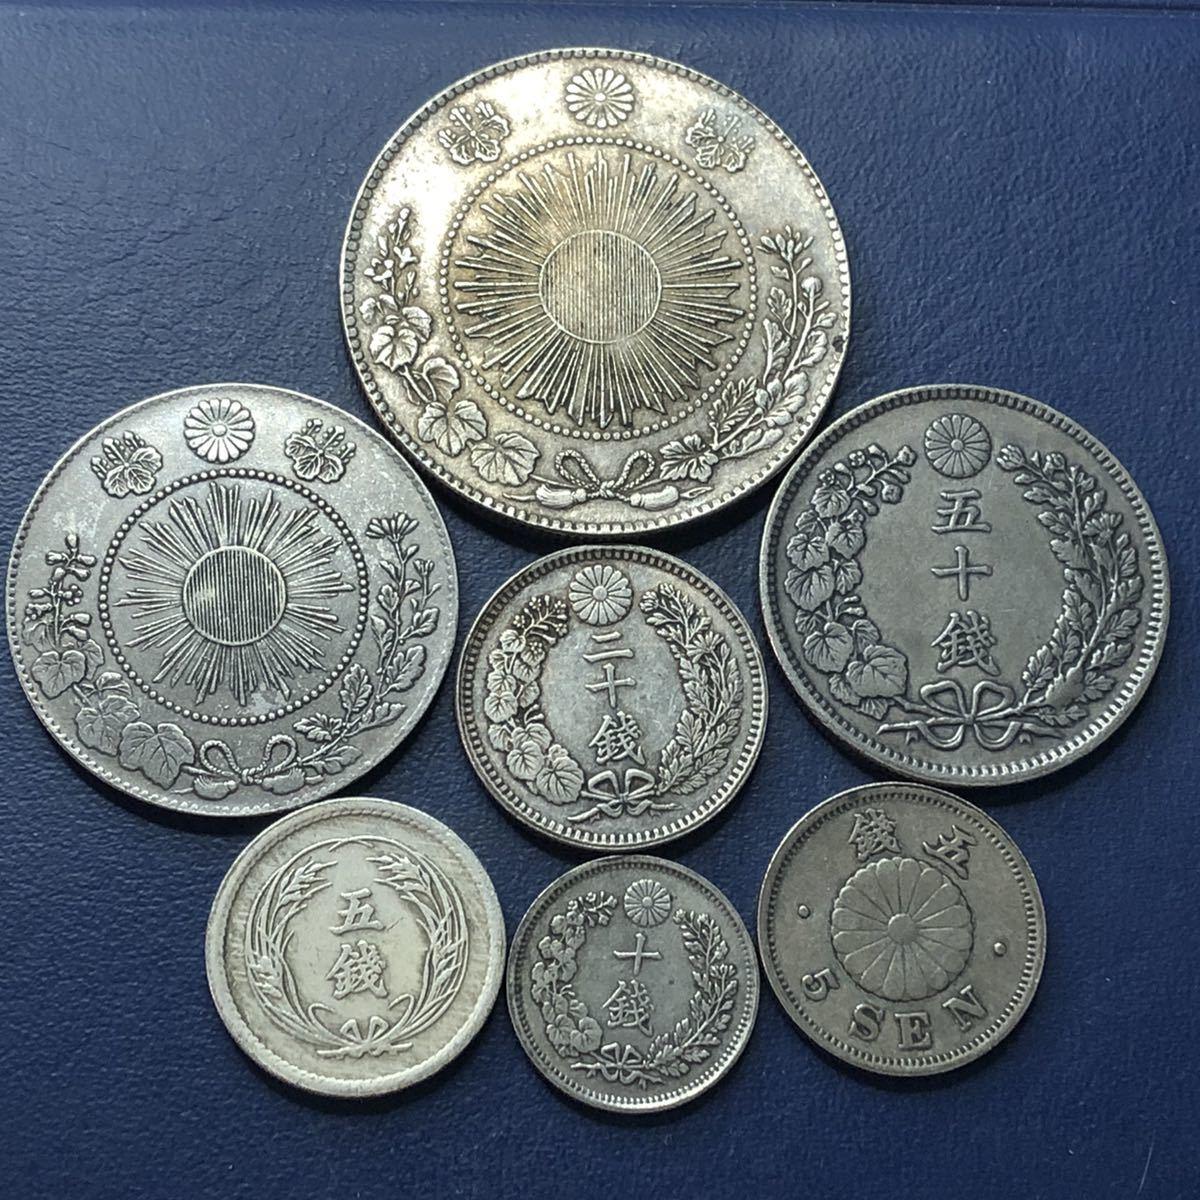 (BRA-559)古銭 明治三年一円銀貨 7枚まとめて 50銭 20銭 10銭 5銭